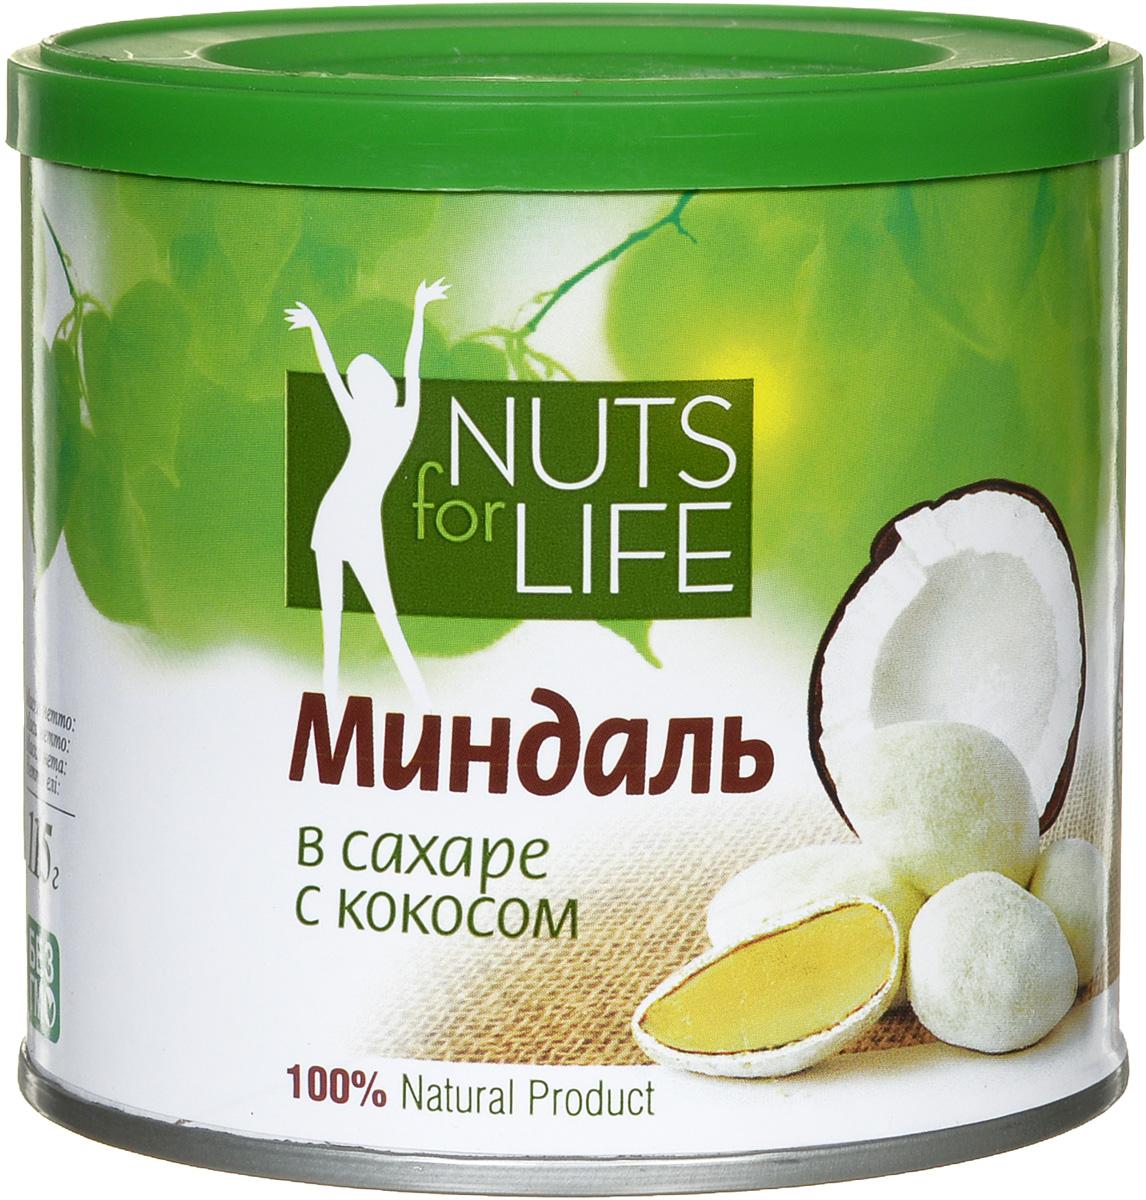 Nuts for Life Миндаль обжаренный в сахаре с кокосом, 115 г0120710Миндаль — королевский орех! Незабываемый изысканный вкус и аромат поразит любого гурмана своей уникальностью, а исключительно натуральные ингредиенты делают его очень полезным перекусом для здоровья!